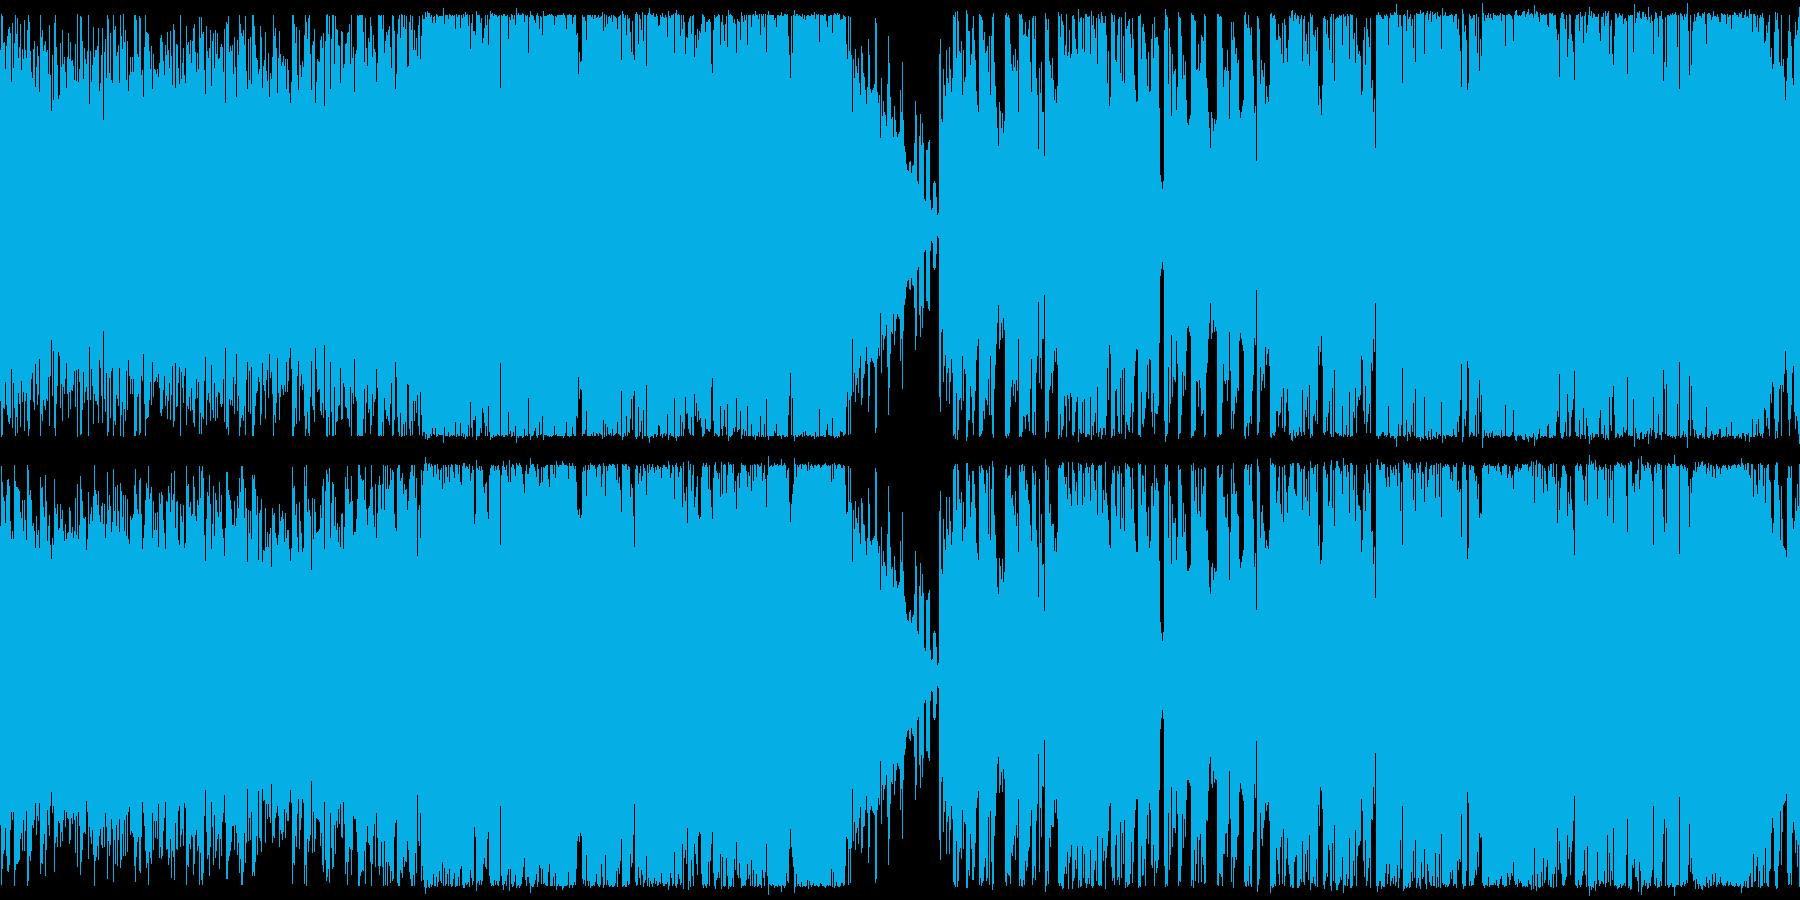 【ループ仕様】RPGバトル向けBGMの再生済みの波形